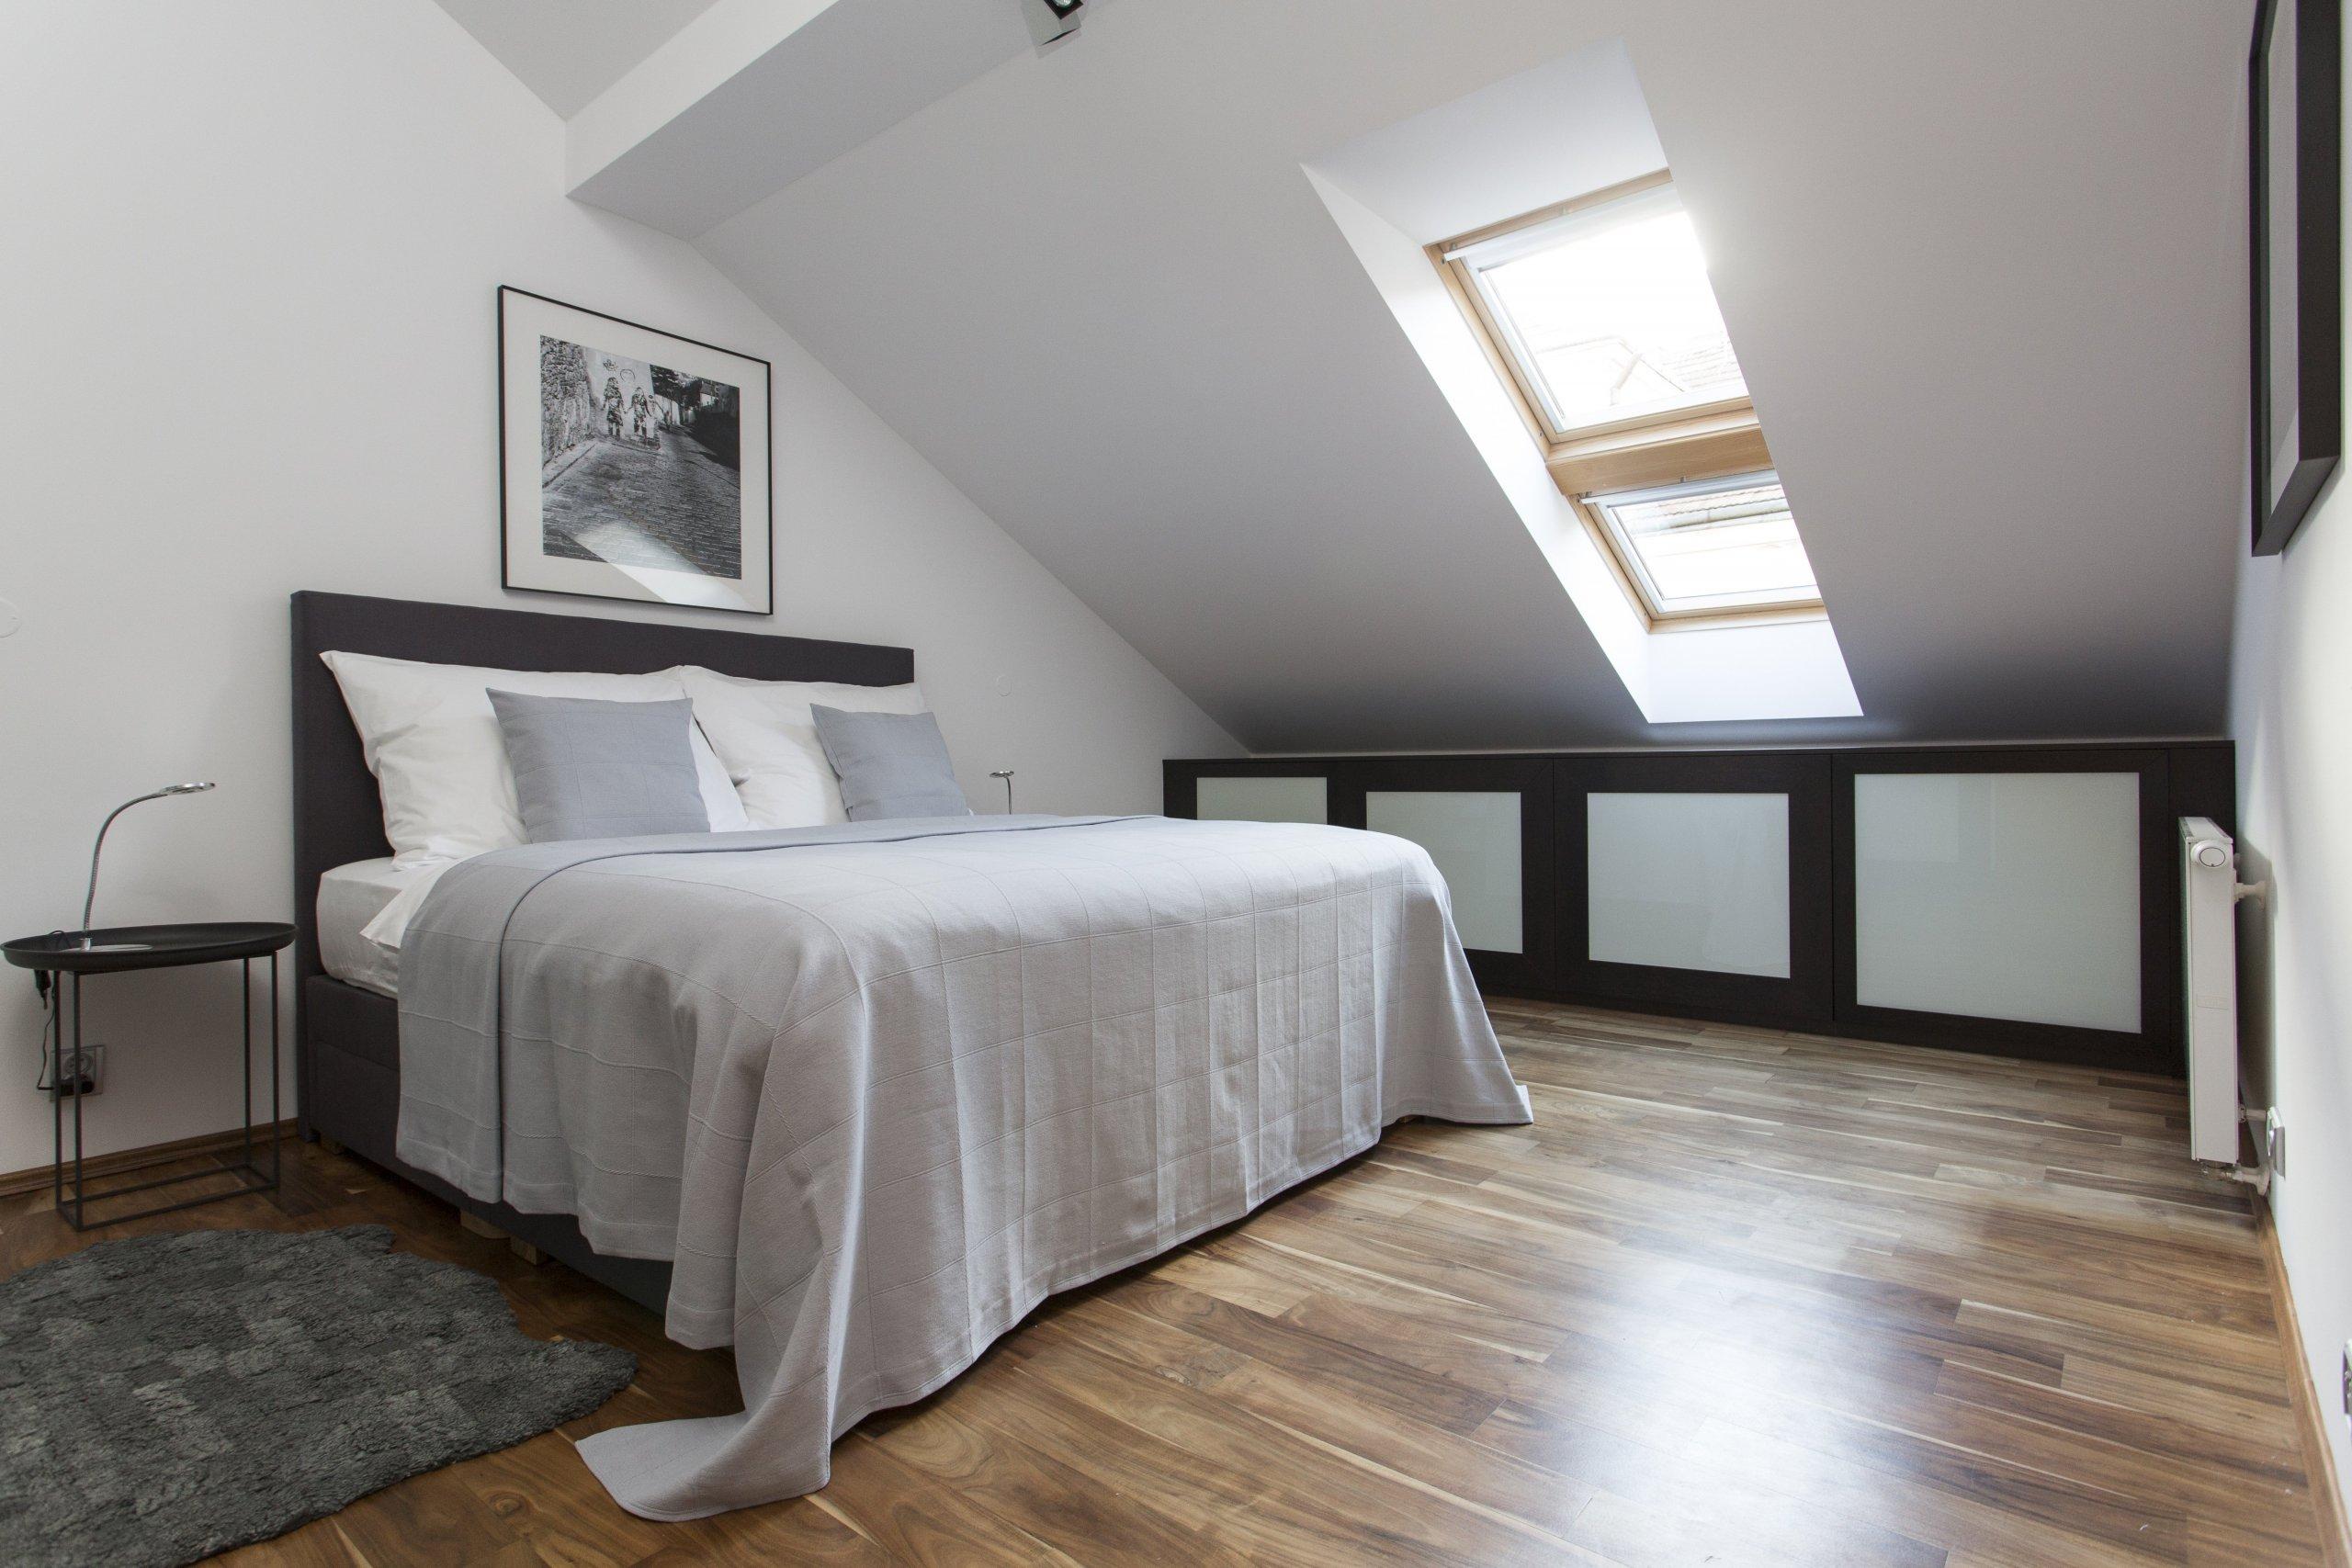 Jemný minimalistický interiér podkrovního bytu 3+kk v činžovním domě v Havelské ulici, Praha 1